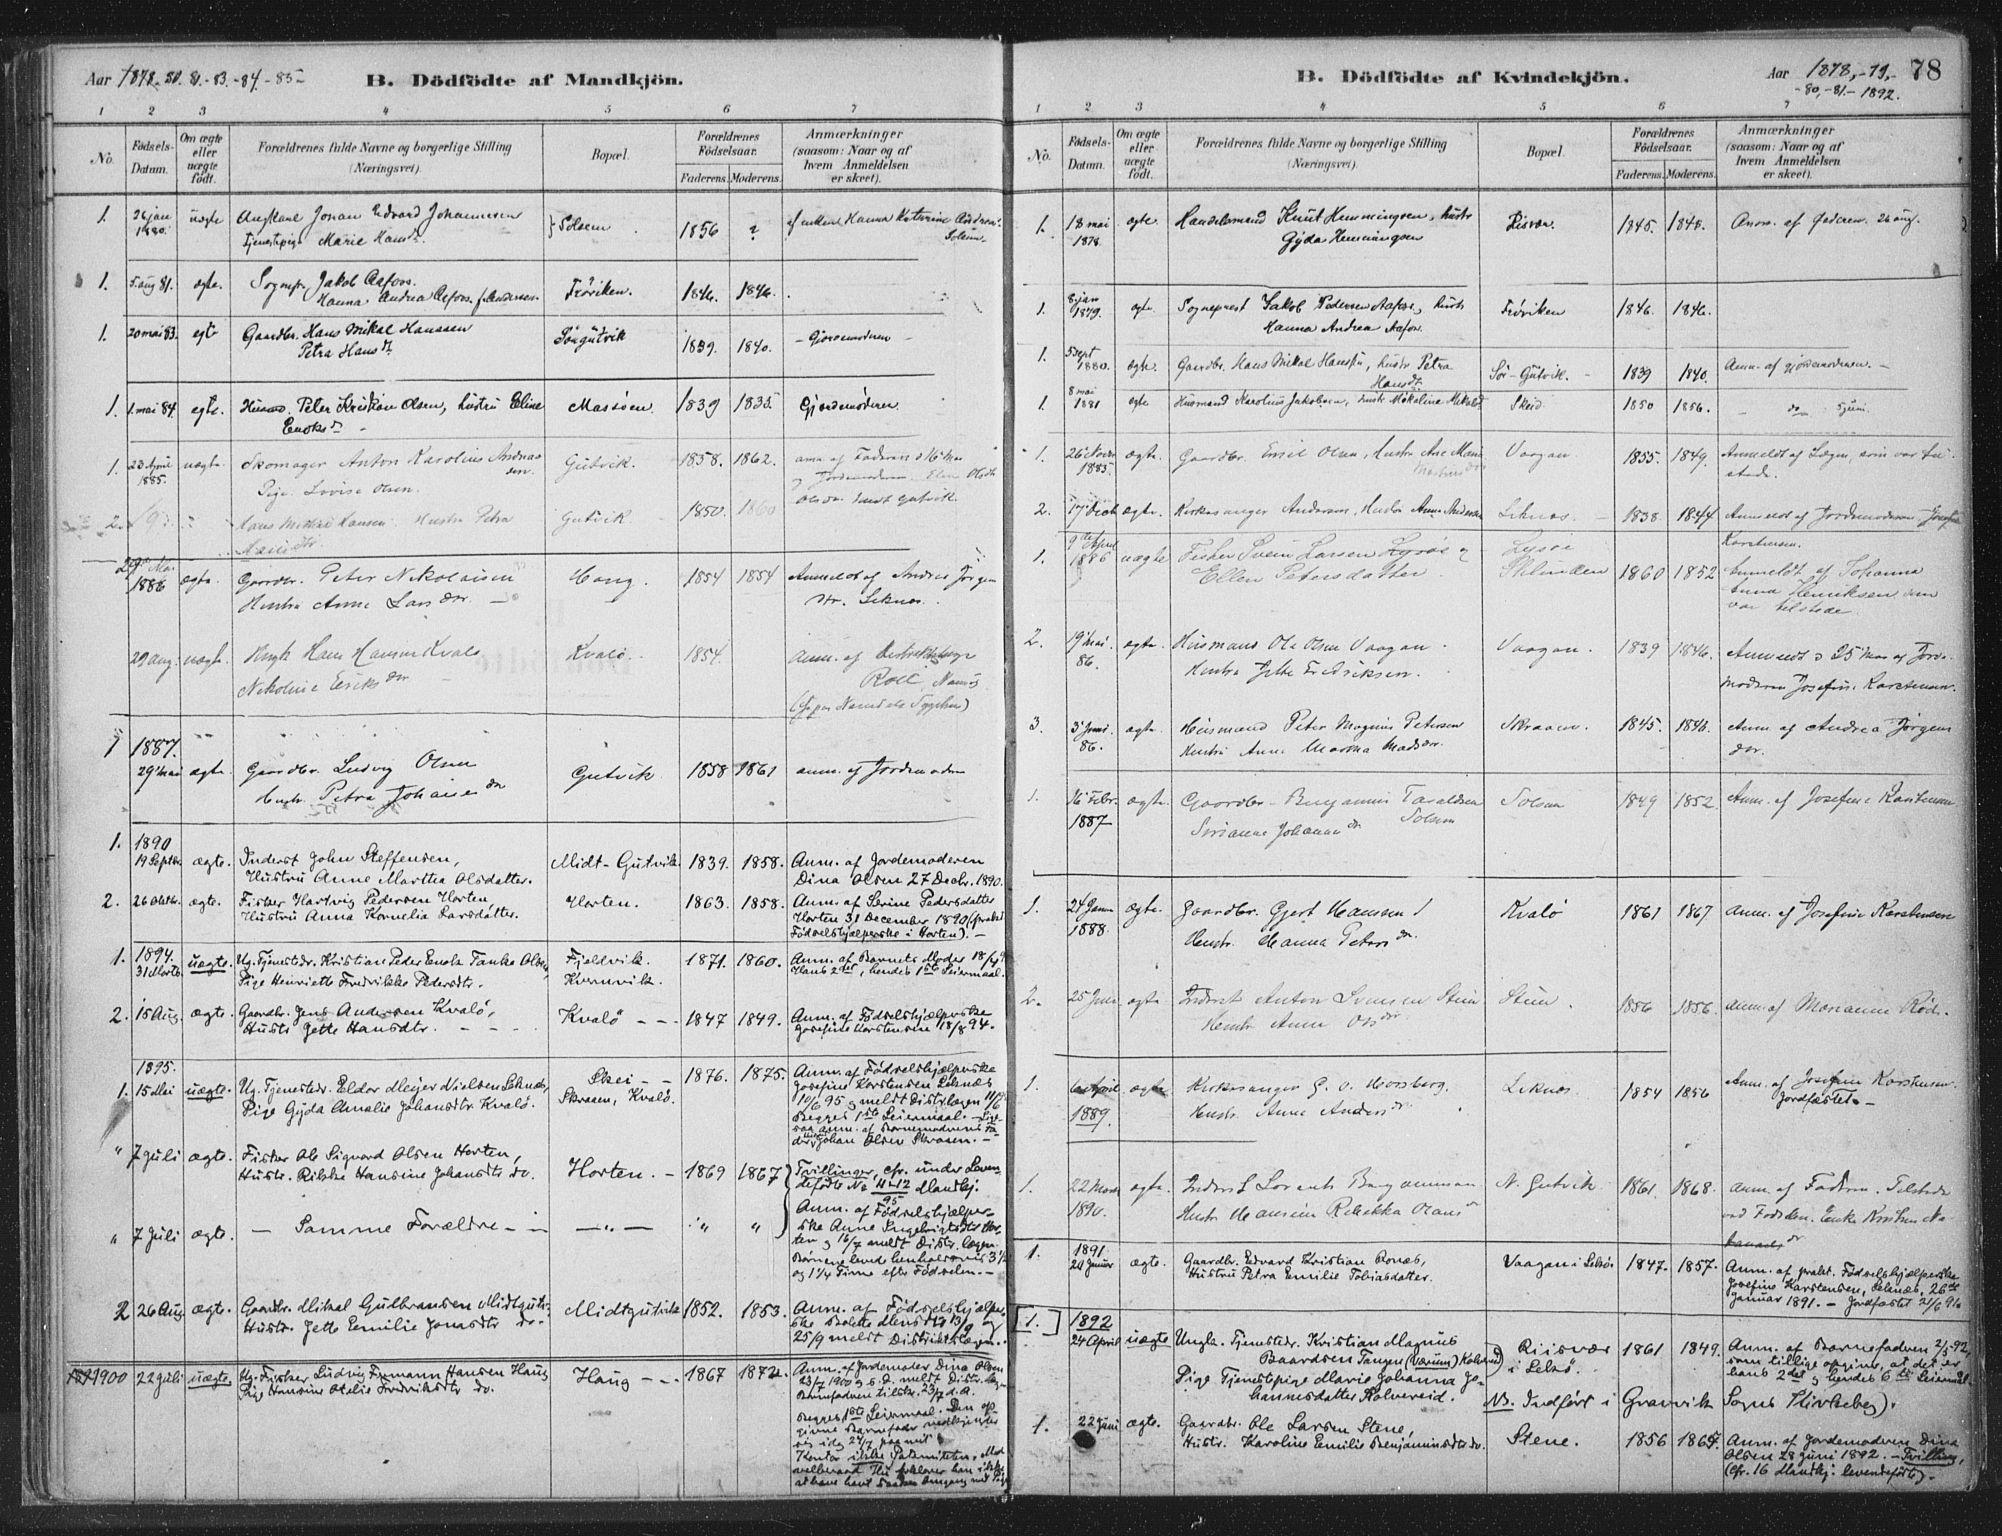 SAT, Ministerialprotokoller, klokkerbøker og fødselsregistre - Nord-Trøndelag, 788/L0697: Ministerialbok nr. 788A04, 1878-1902, s. 78